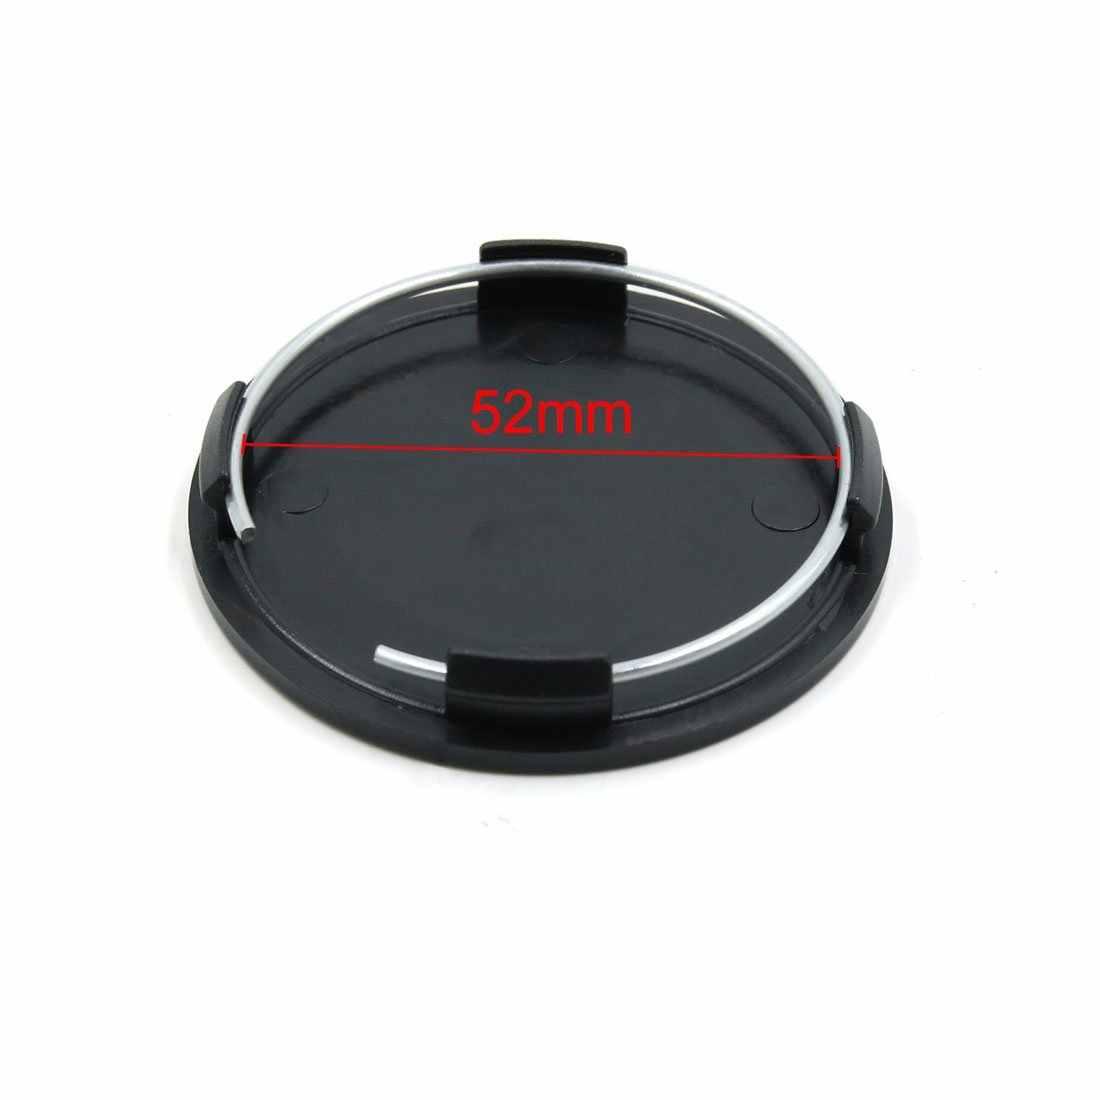 4 قطعة أسود 63 مللي متر القطر عجلة غطاء عجلة مركزي أنيق الصلب ارتداء استبدال غطاء غبار السيارات غطاء محور ل سيارة السيارات